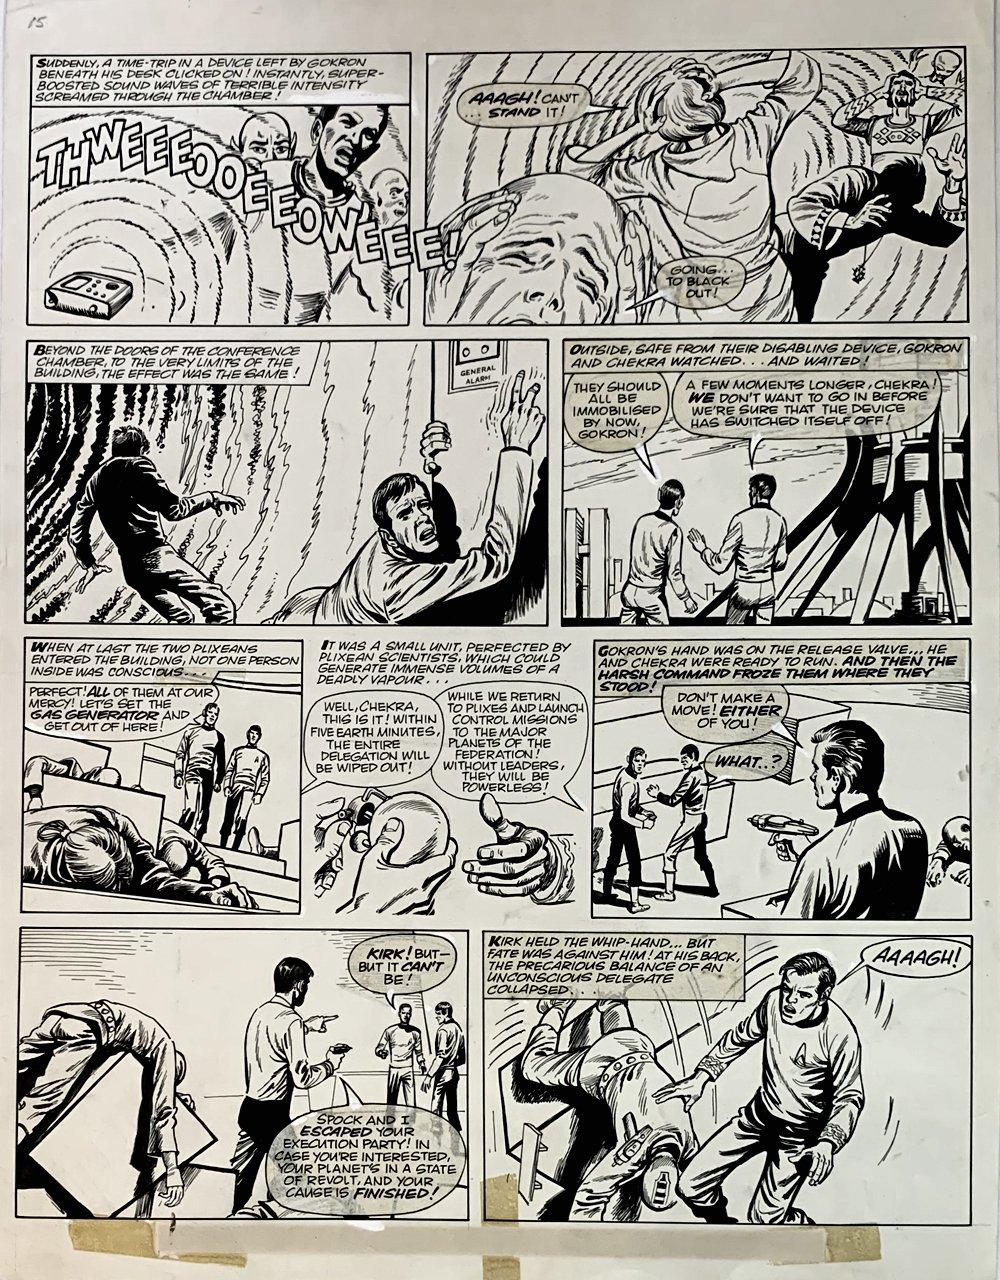 Star Trek Newspaper Strip 12-15-1973 (2ND TO LAST STRIP!) VERY LARGE